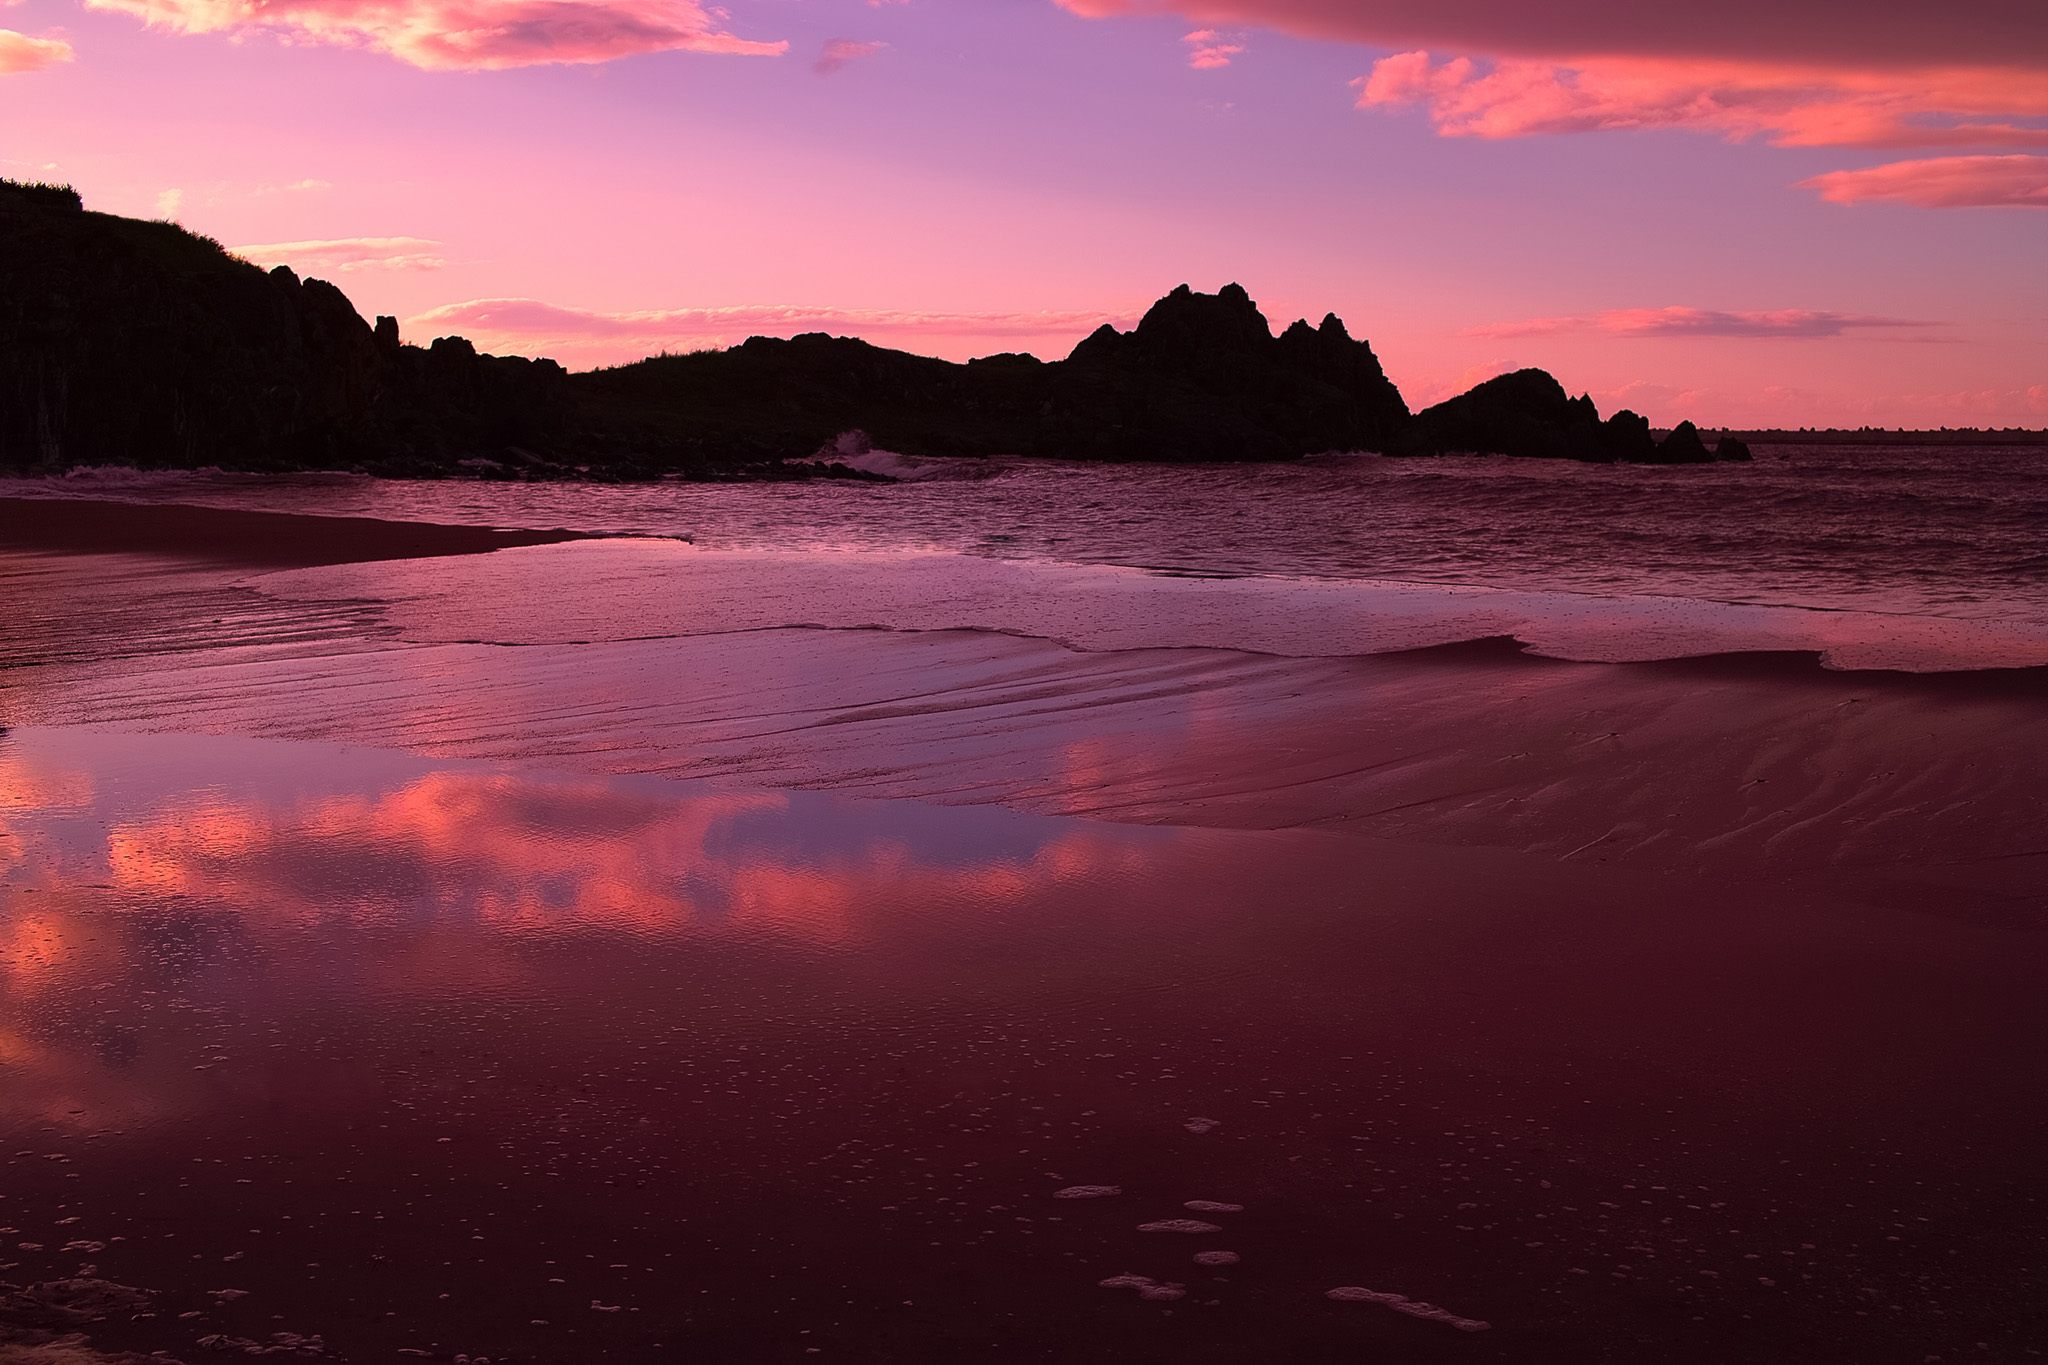 「夕暮れの海岸に映る空」